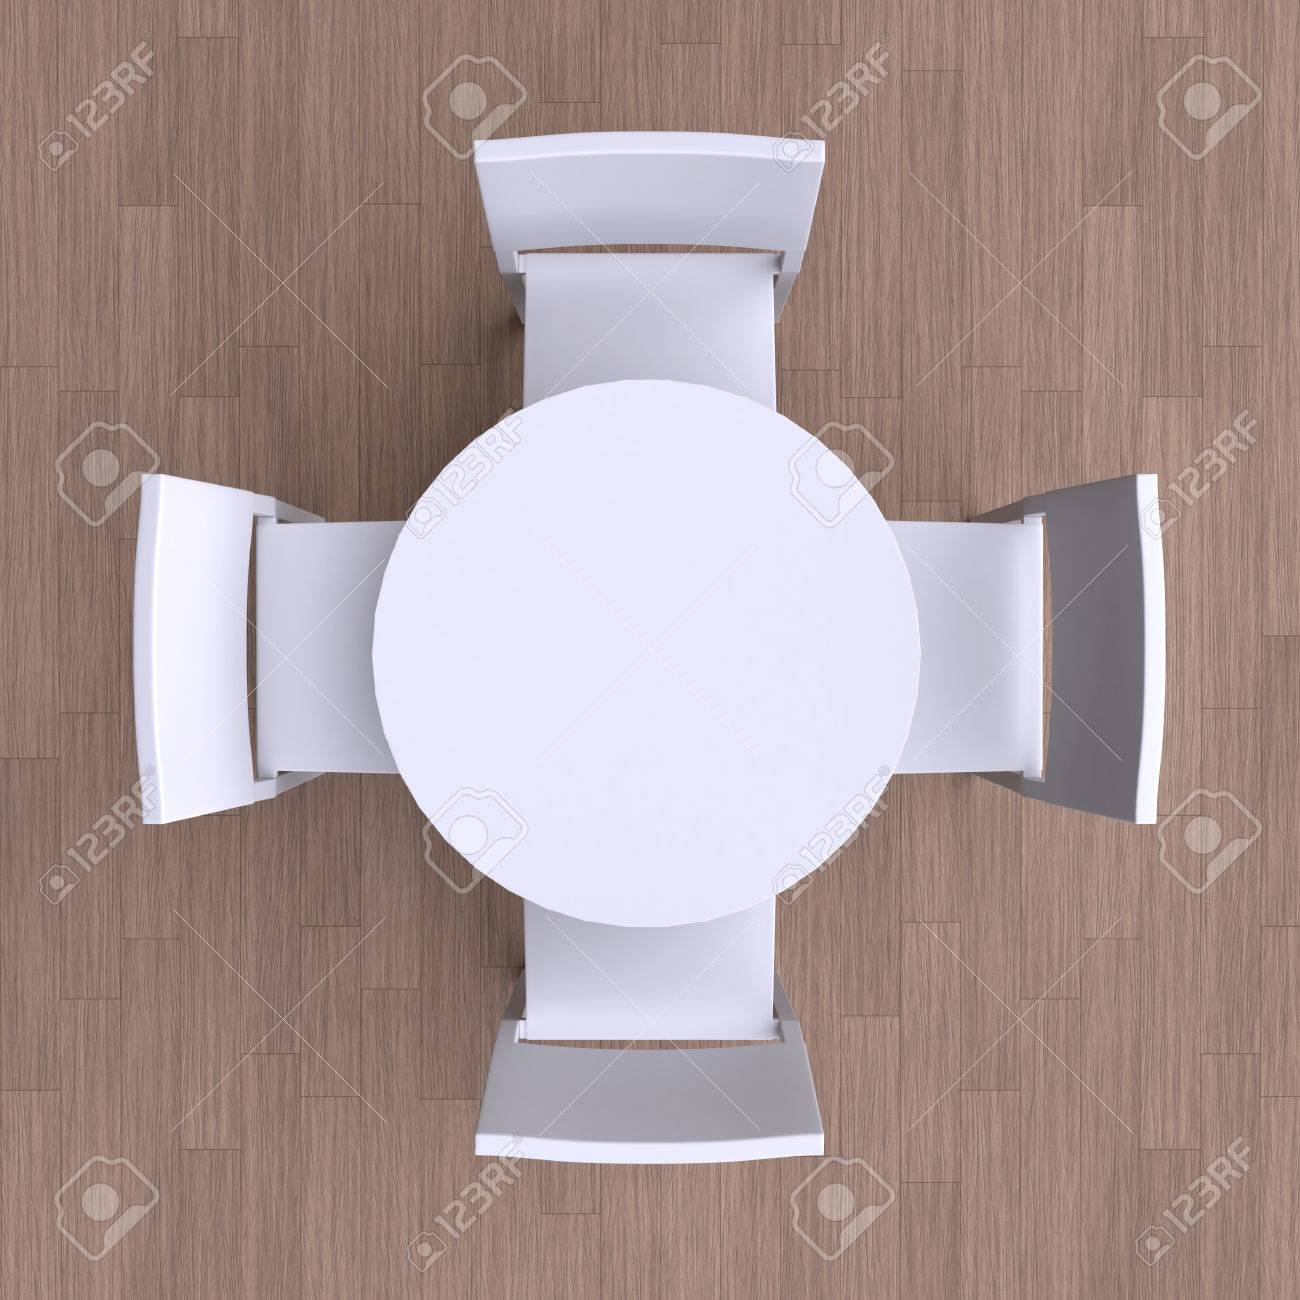 Quadratischen Tisch Mit Vier Stühlen. Draufsicht. 3D